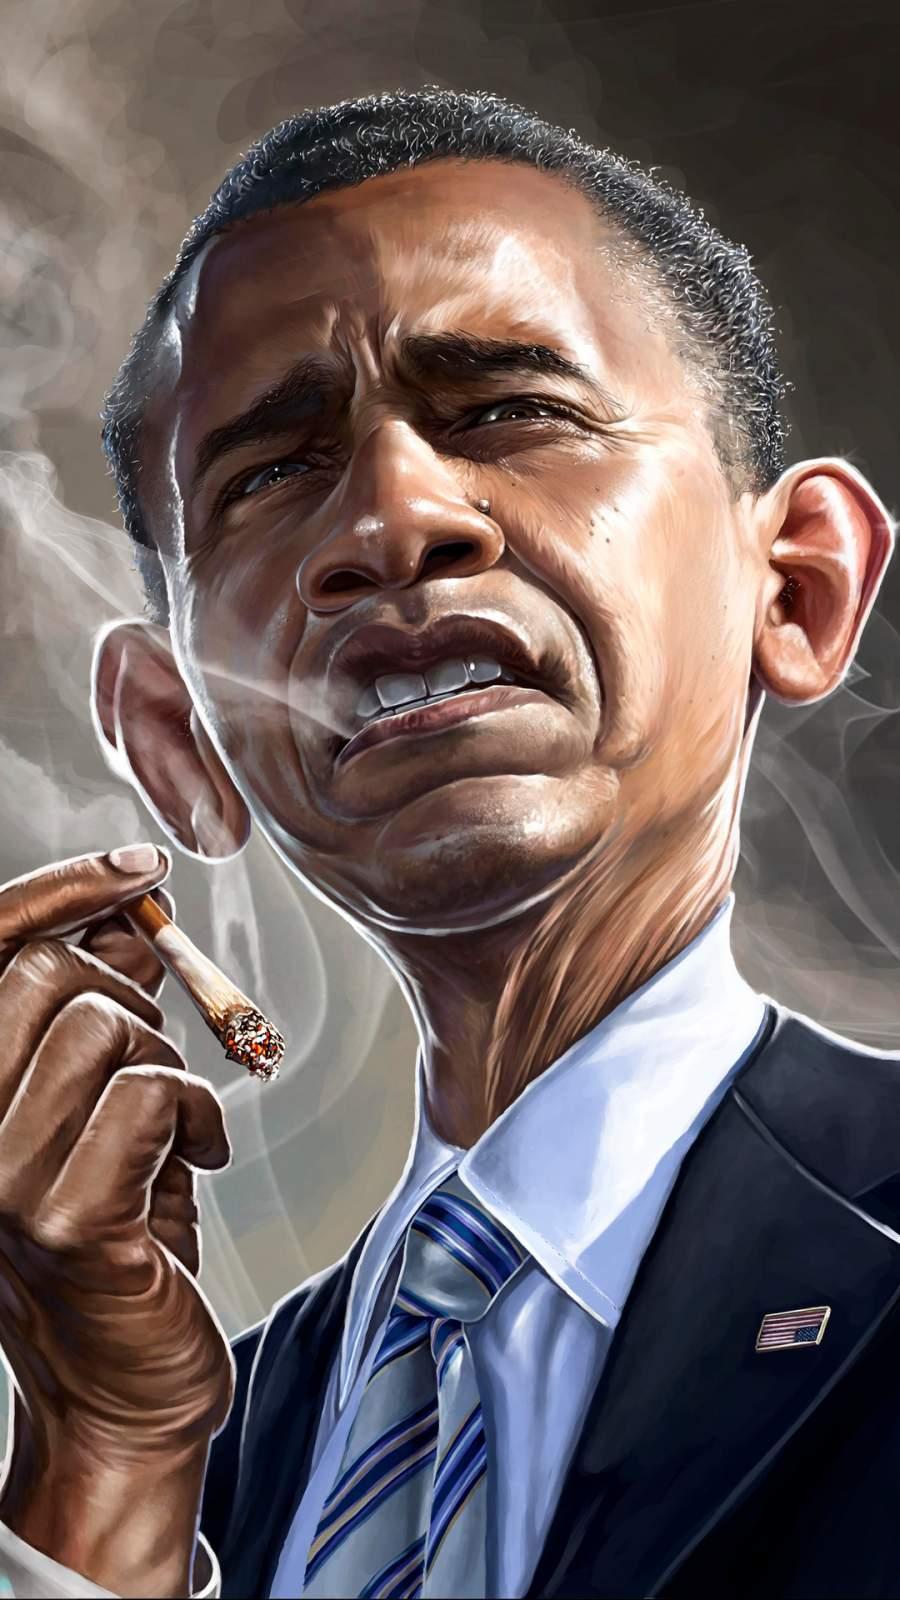 Barack Obama Smoking iPhone Wallpaper